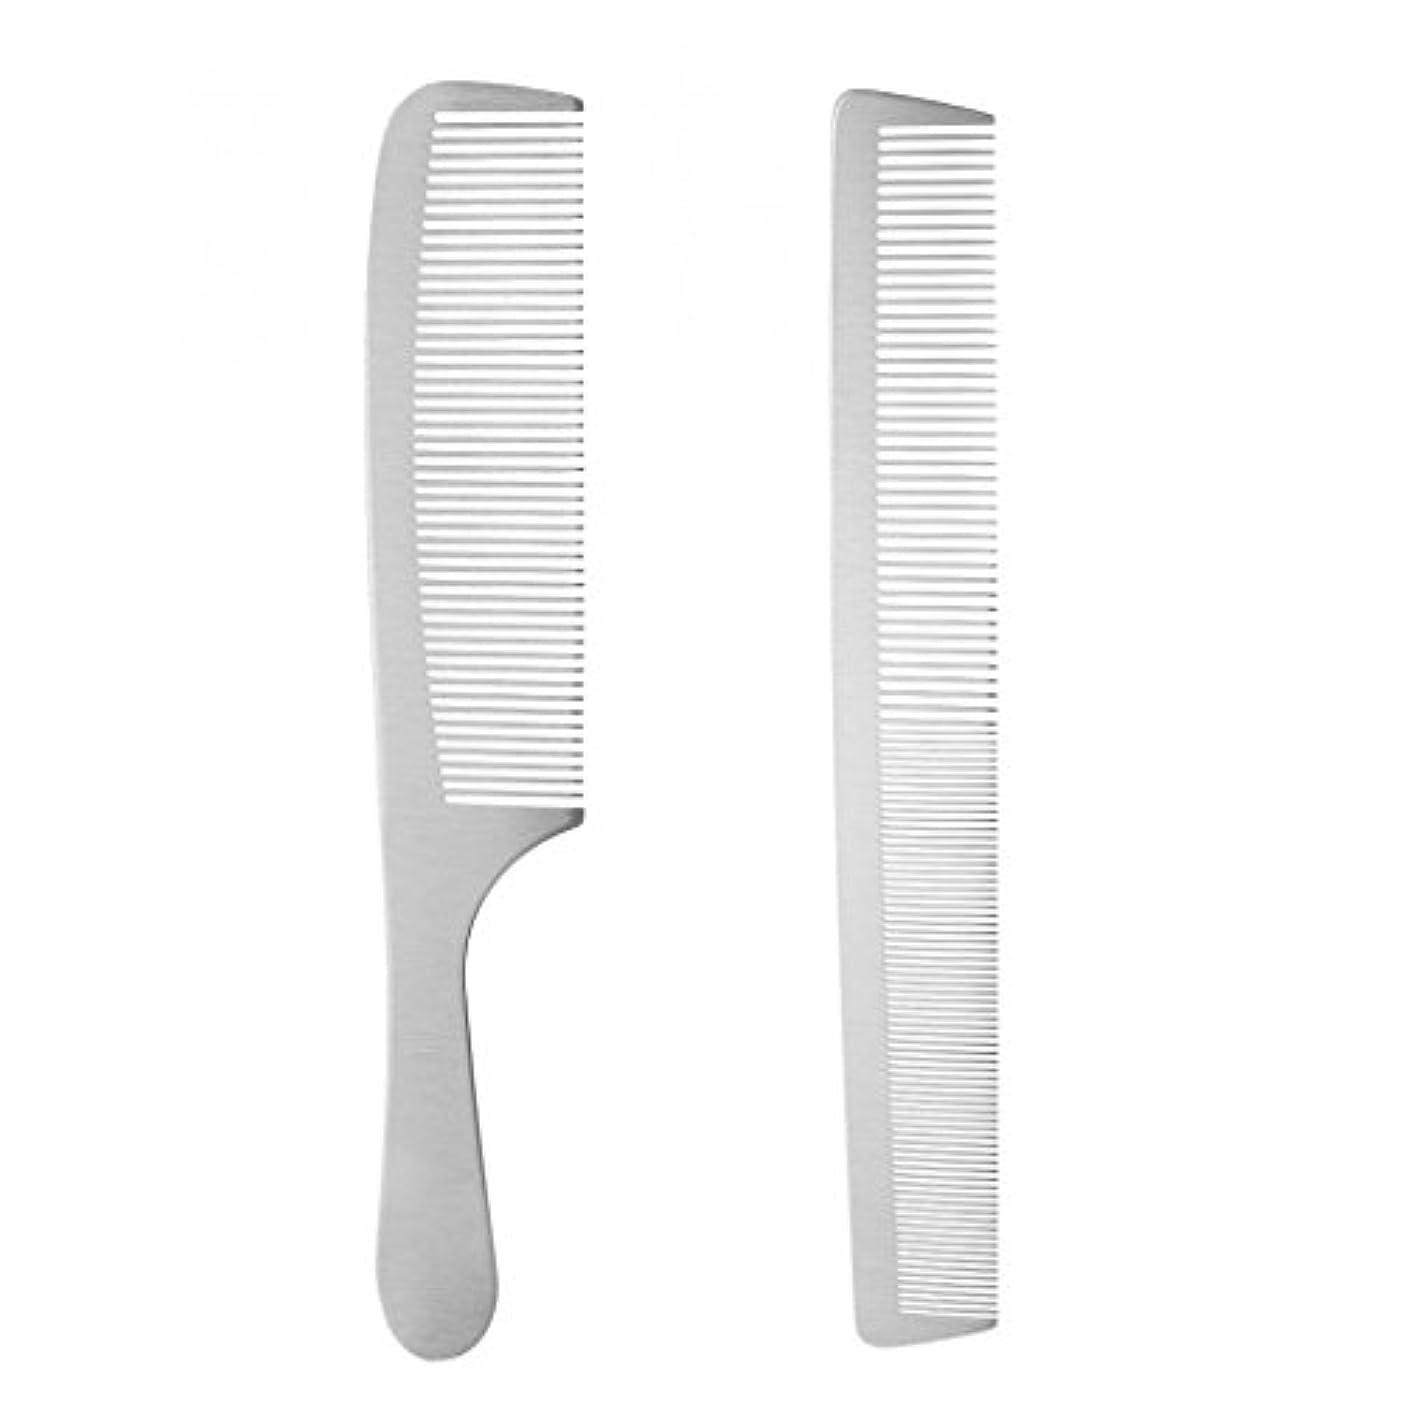 つかの間やさしく報復CUTICATE 2倍美容院ヘアカットツールヘアスタイリングブラシヘアスタイリングくし理容ツール